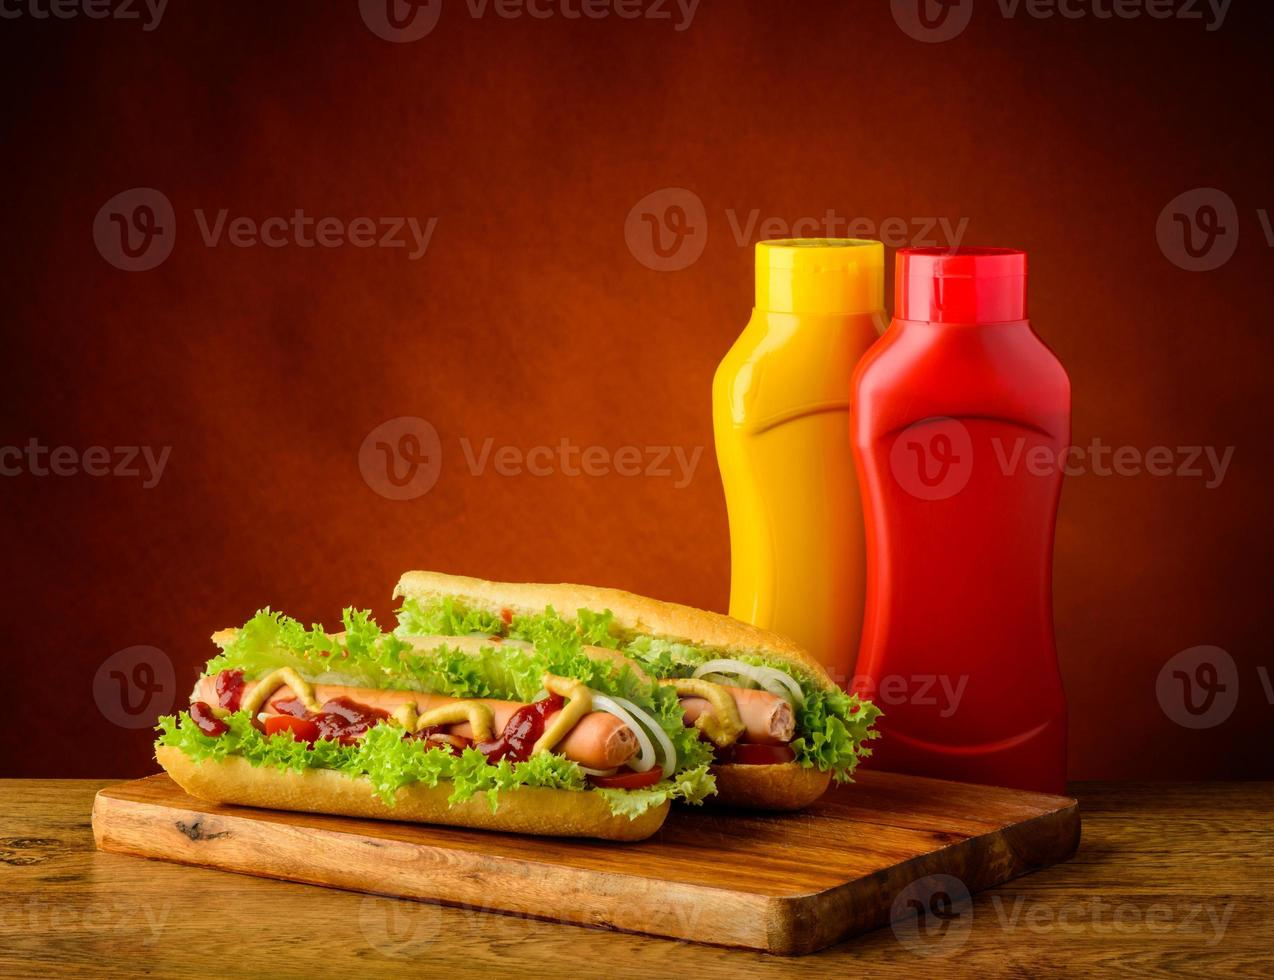 twee hotdogs met mosterd en ketchup foto